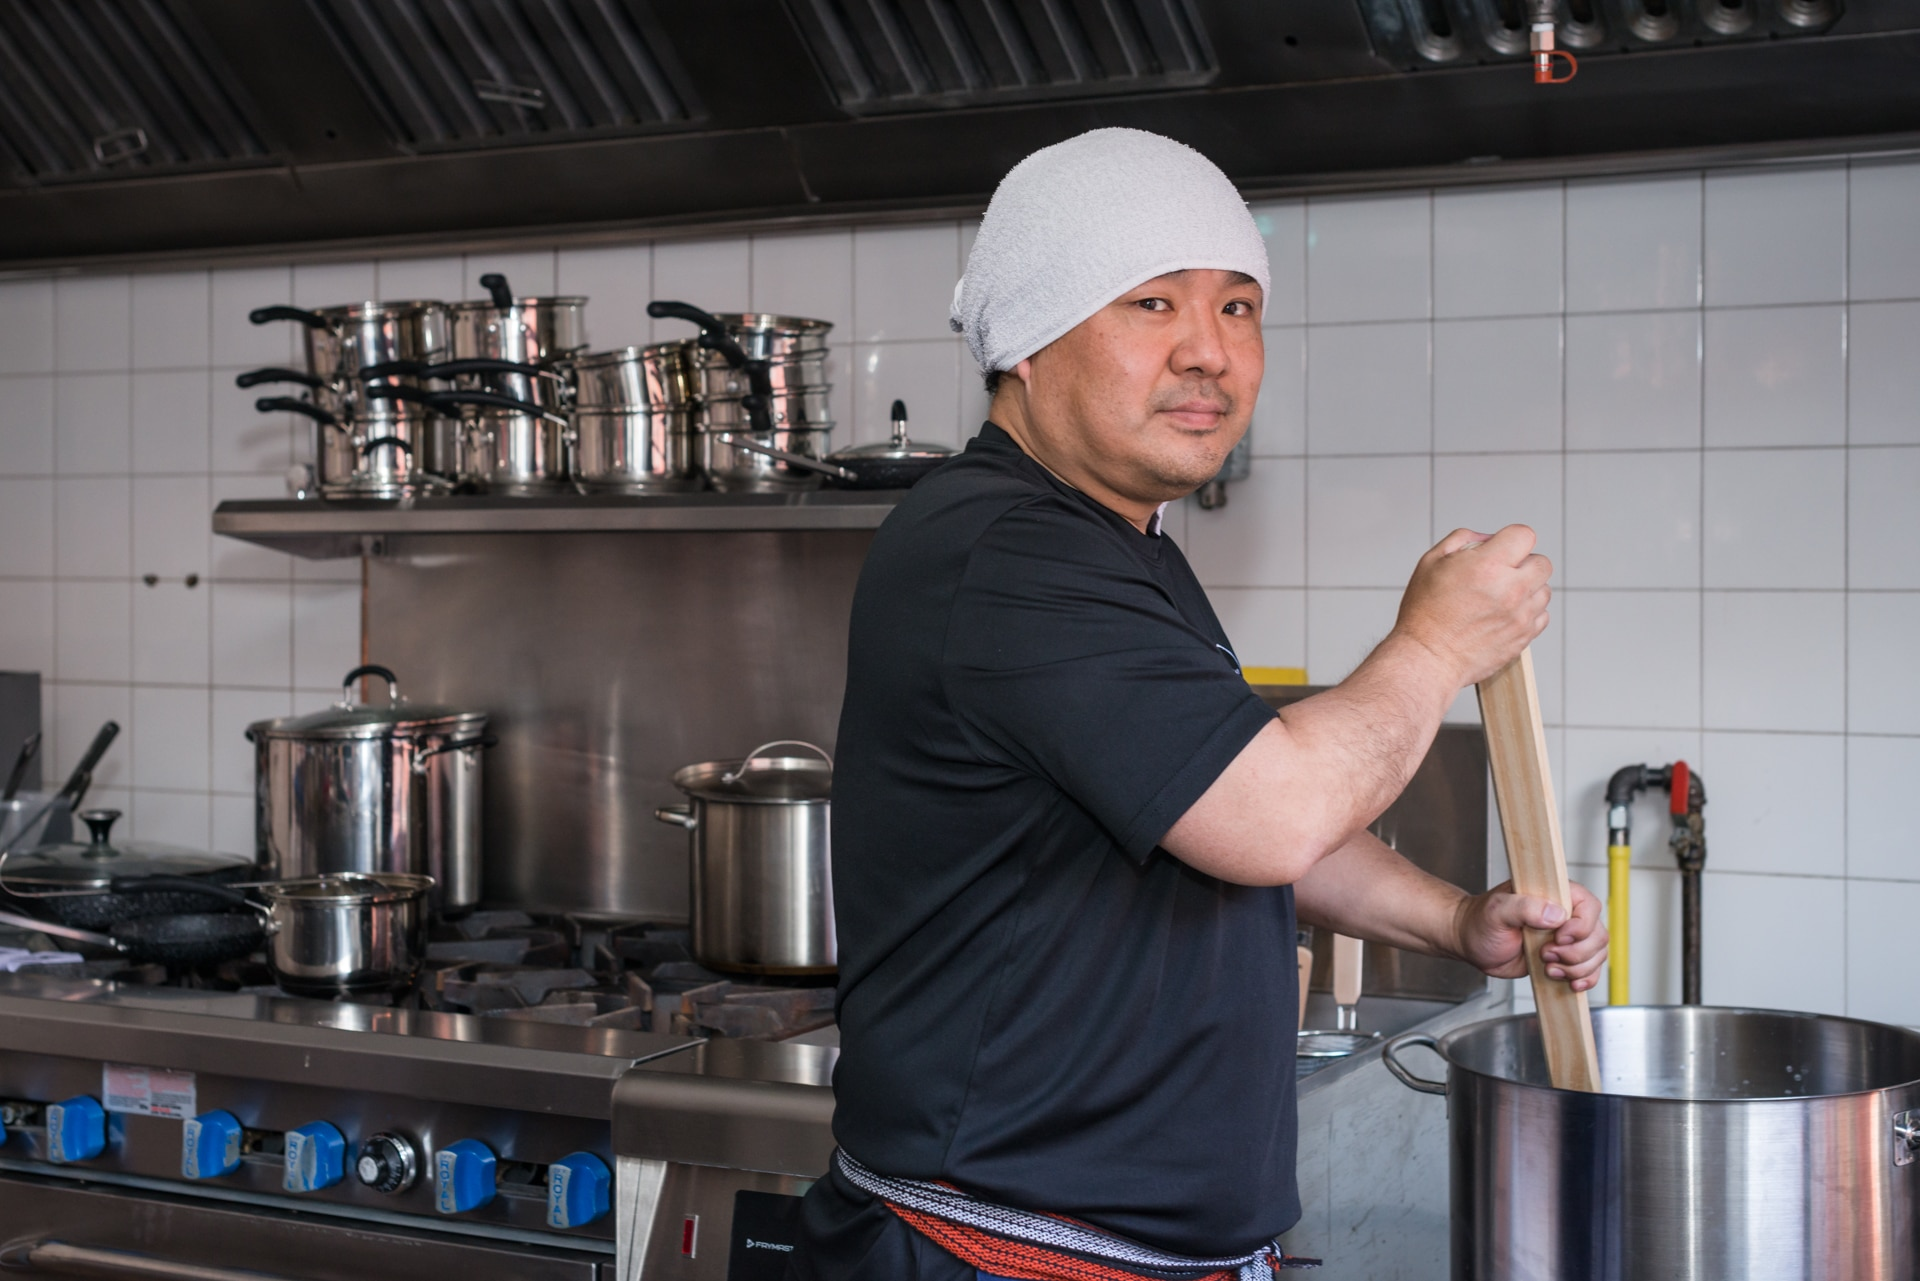 Chef Yoshihisa Takashima